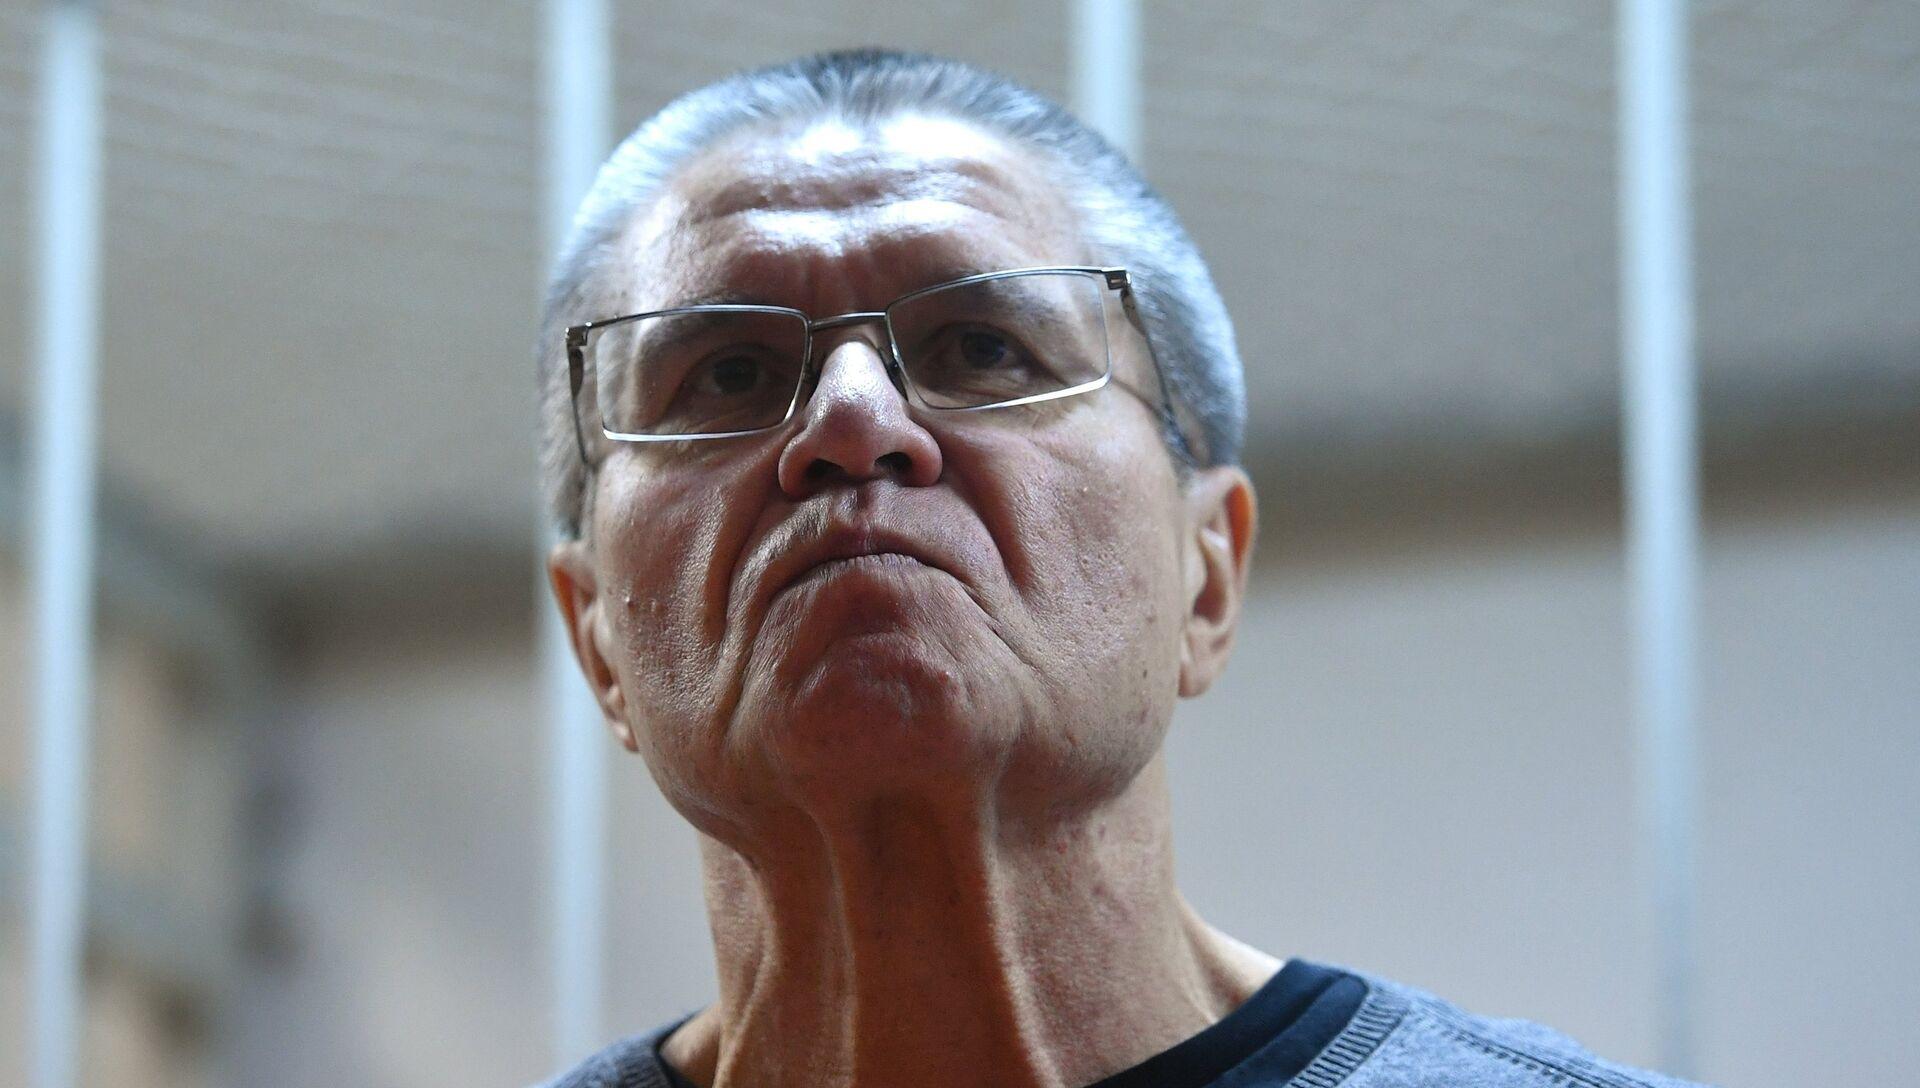 Алексей Улюкаев во время оглашения приговора в Замоскворецком суде - РИА Новости, 1920, 01.12.2020